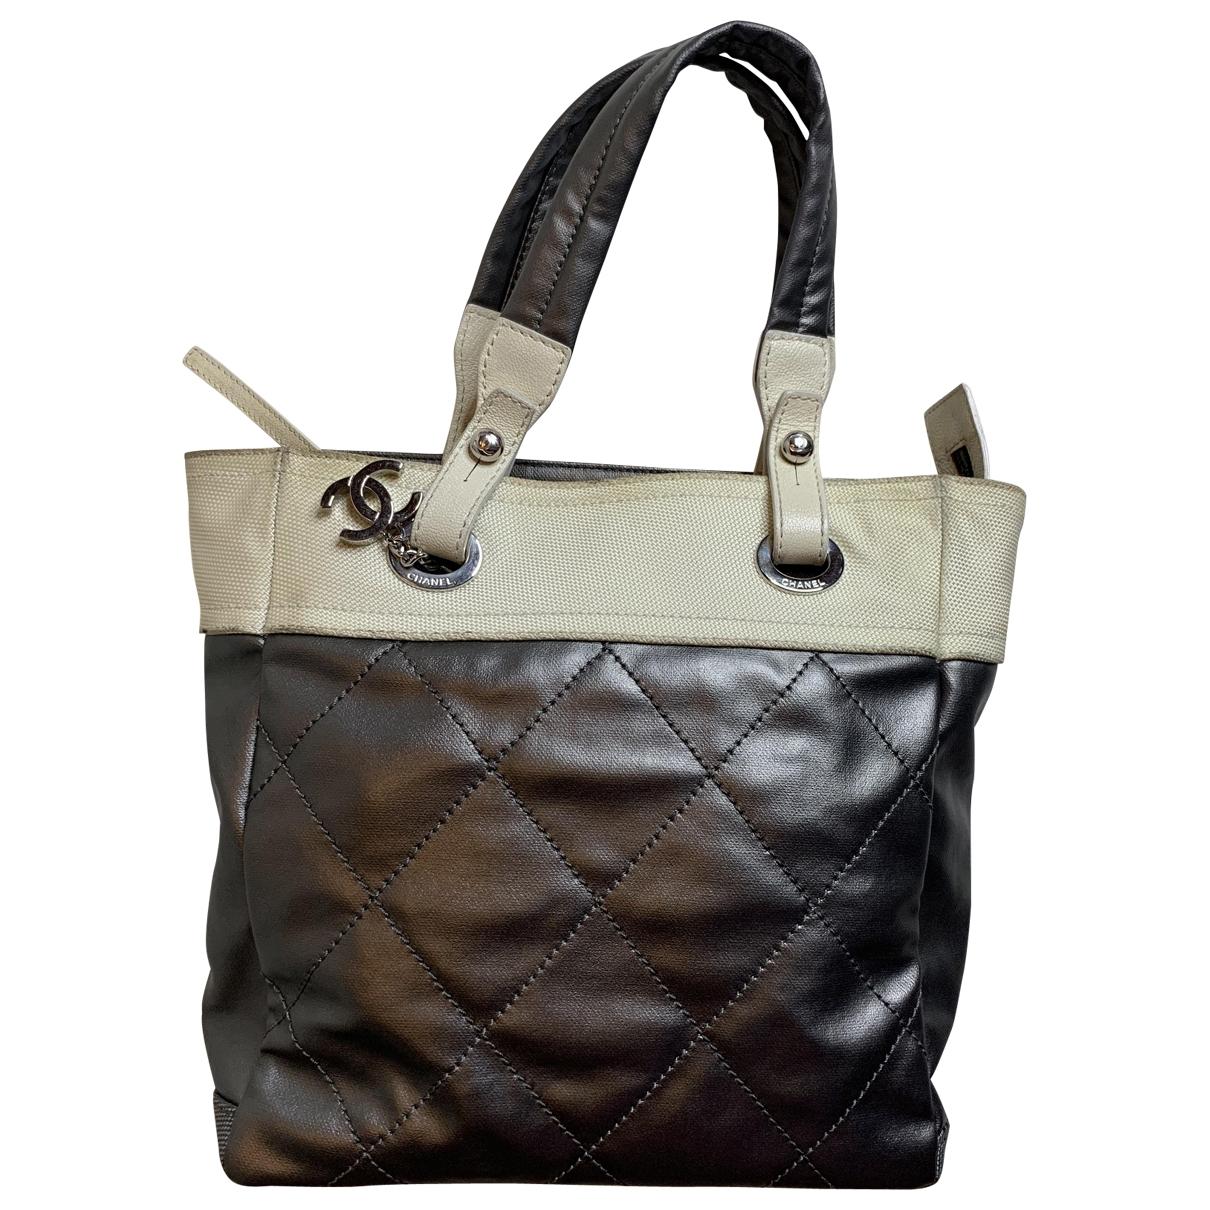 Chanel \N Grey Leather handbag for Women \N